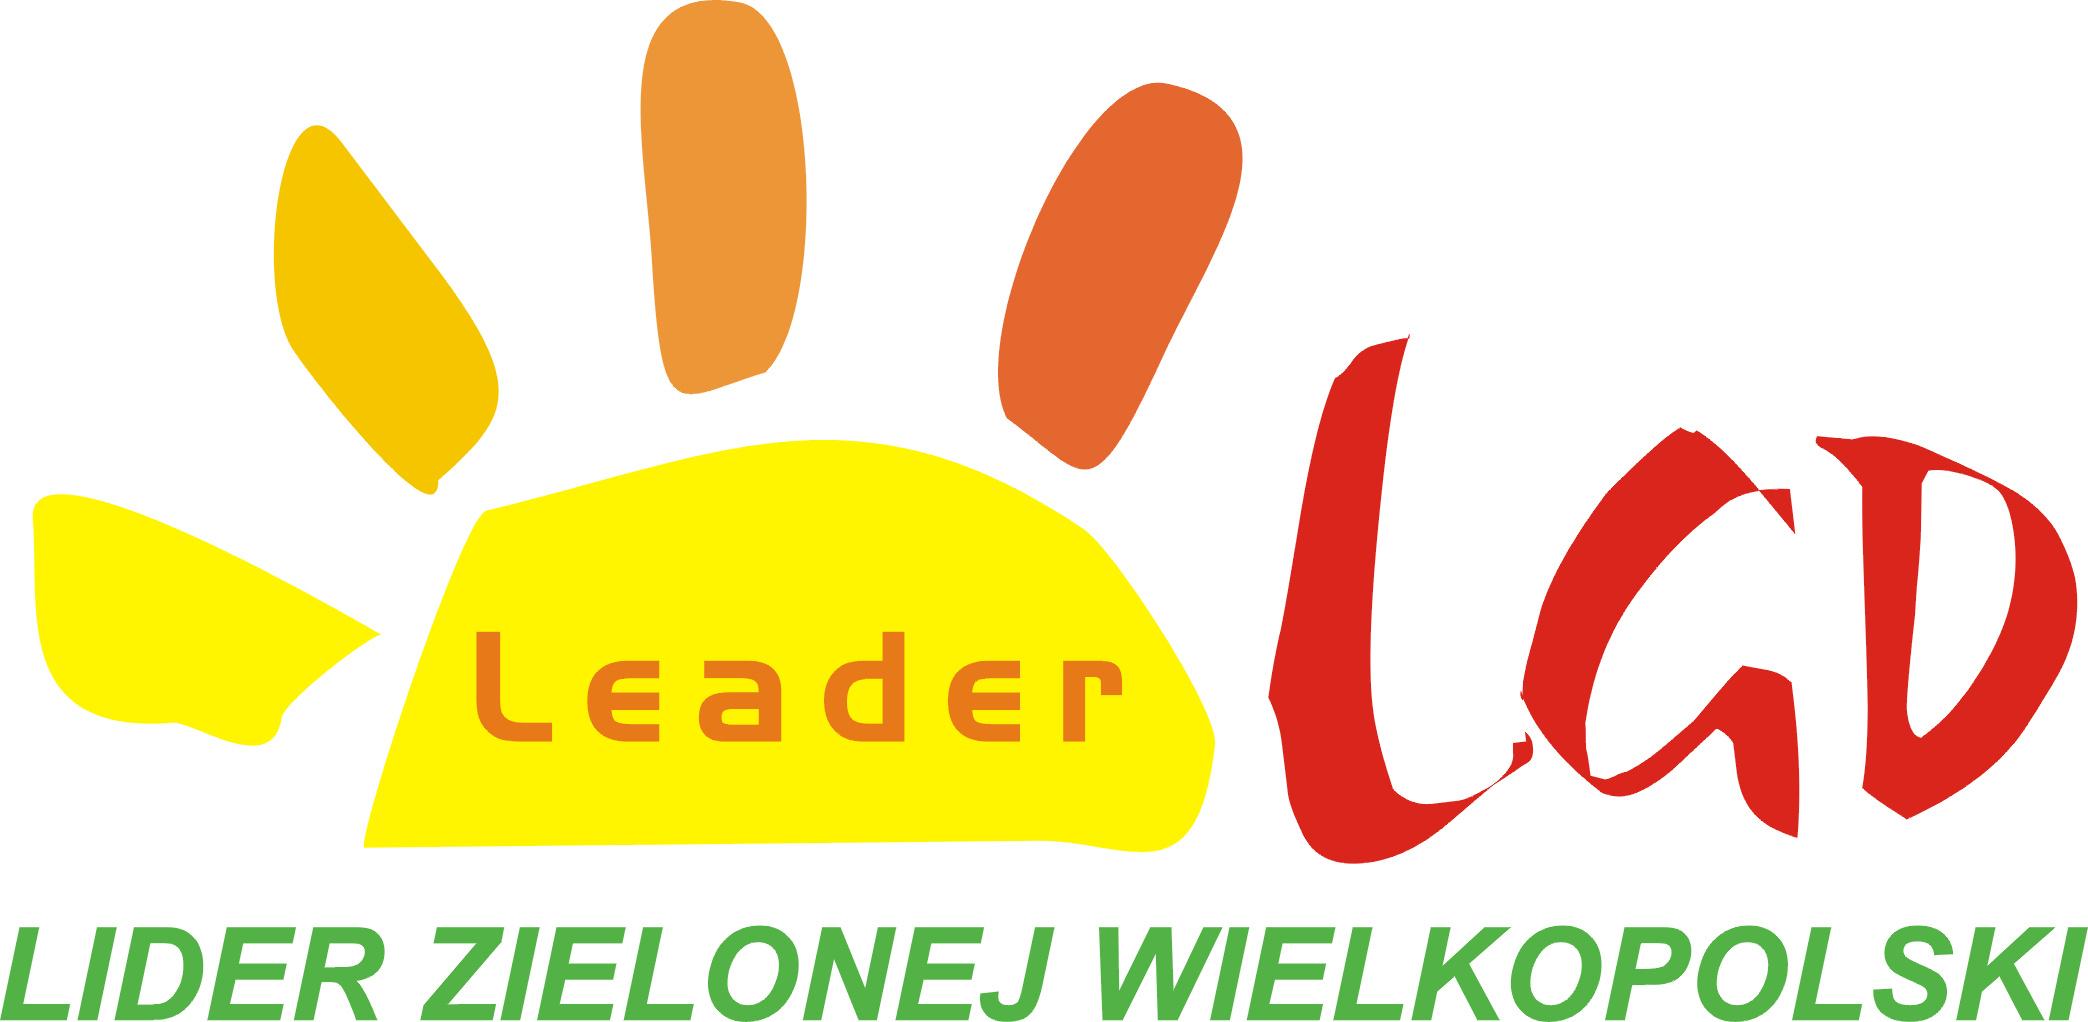 Znalezione obrazy dla zapytania leader zielona wielkopolska